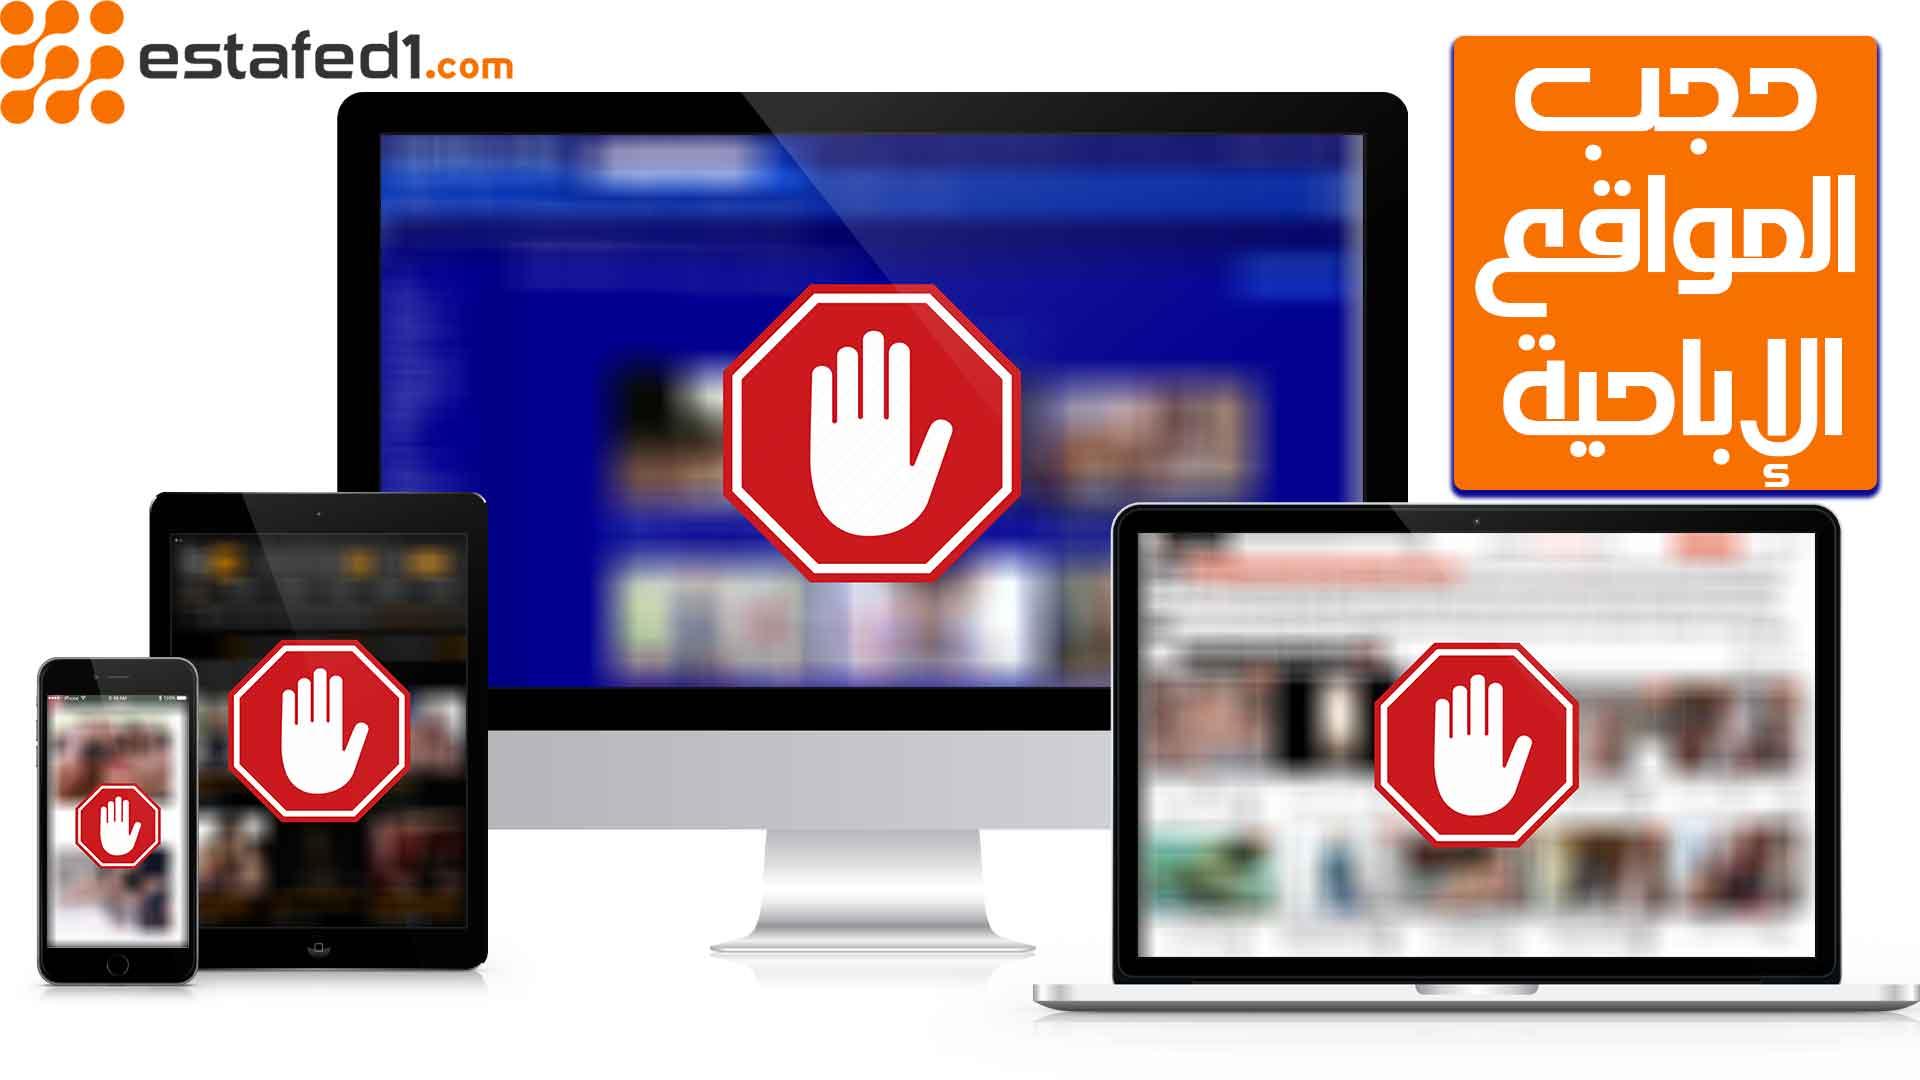 حجب المواقع الإباحية نهائيا من الراوتر بدون برامج Te Data